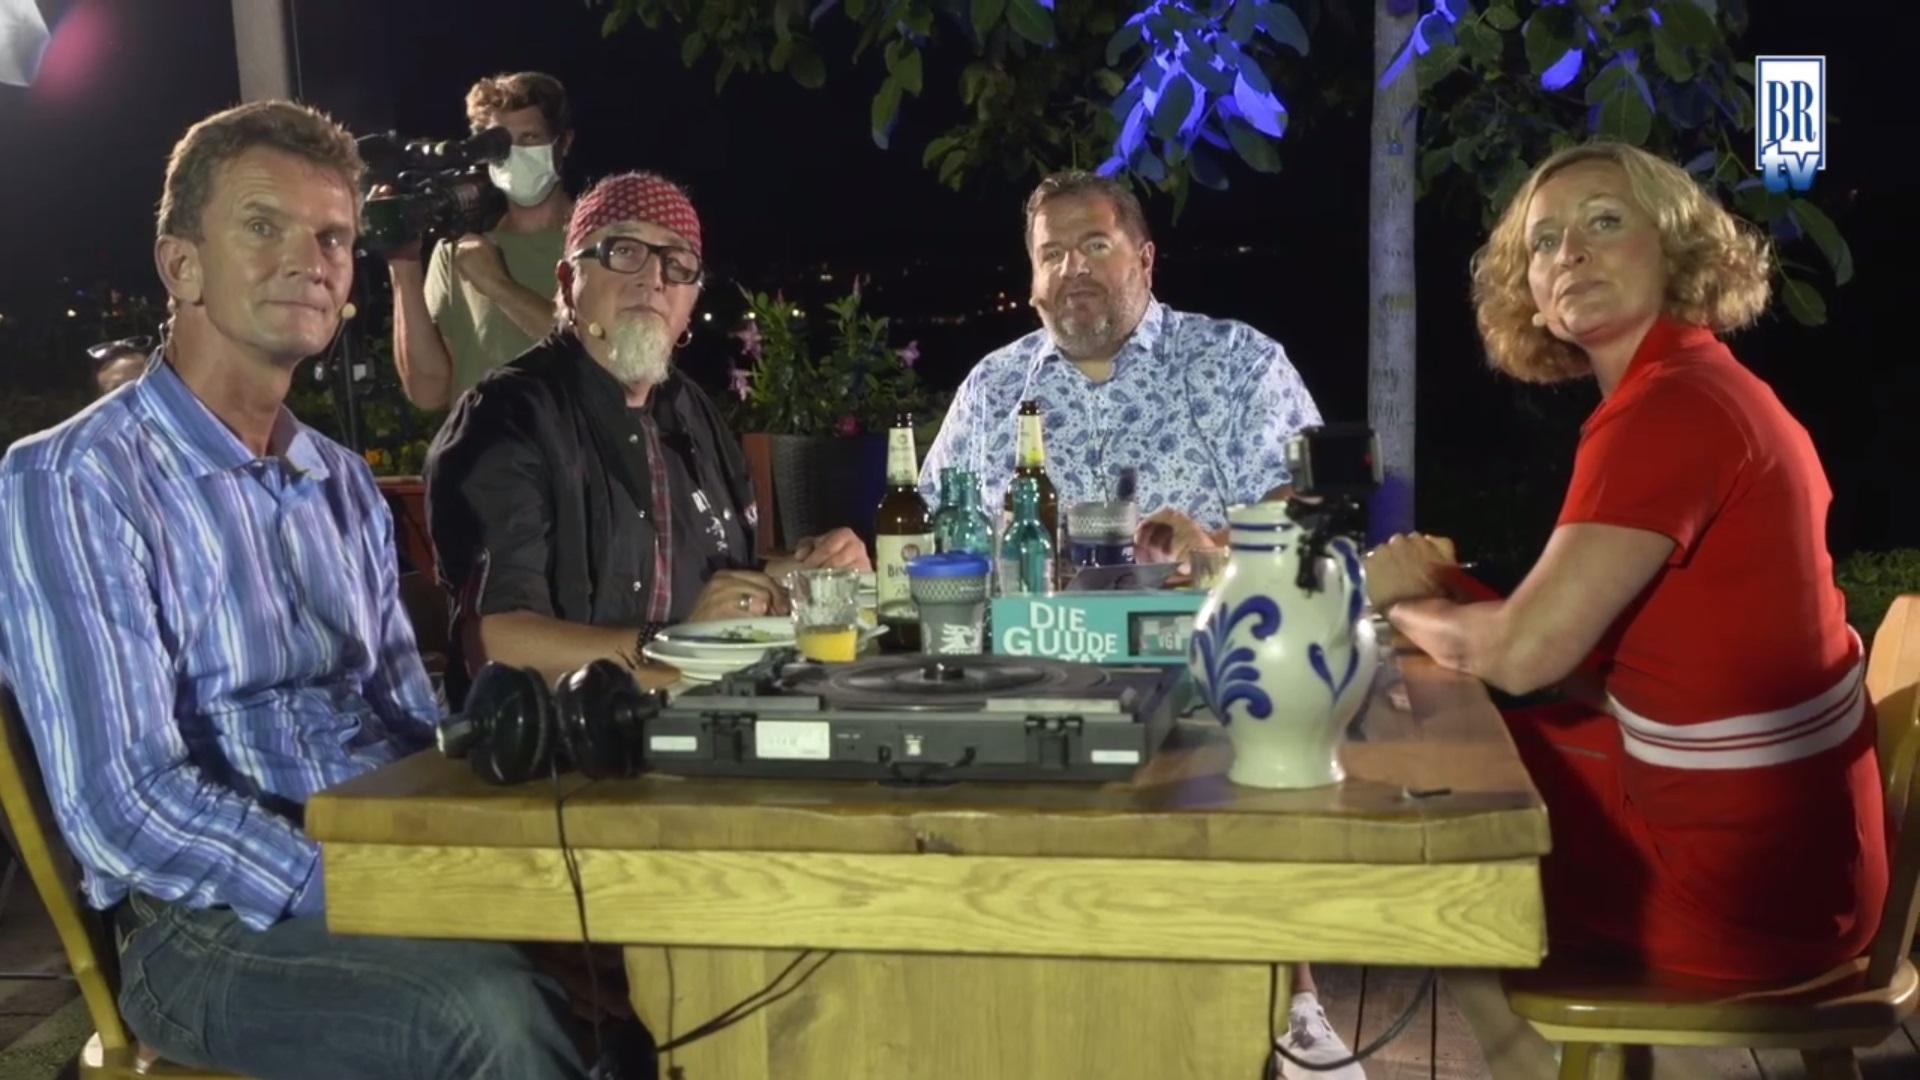 Bembel & Gebabbel – Folge 54 mit Michael Groß, Anne Folger & Stefan Marquardb